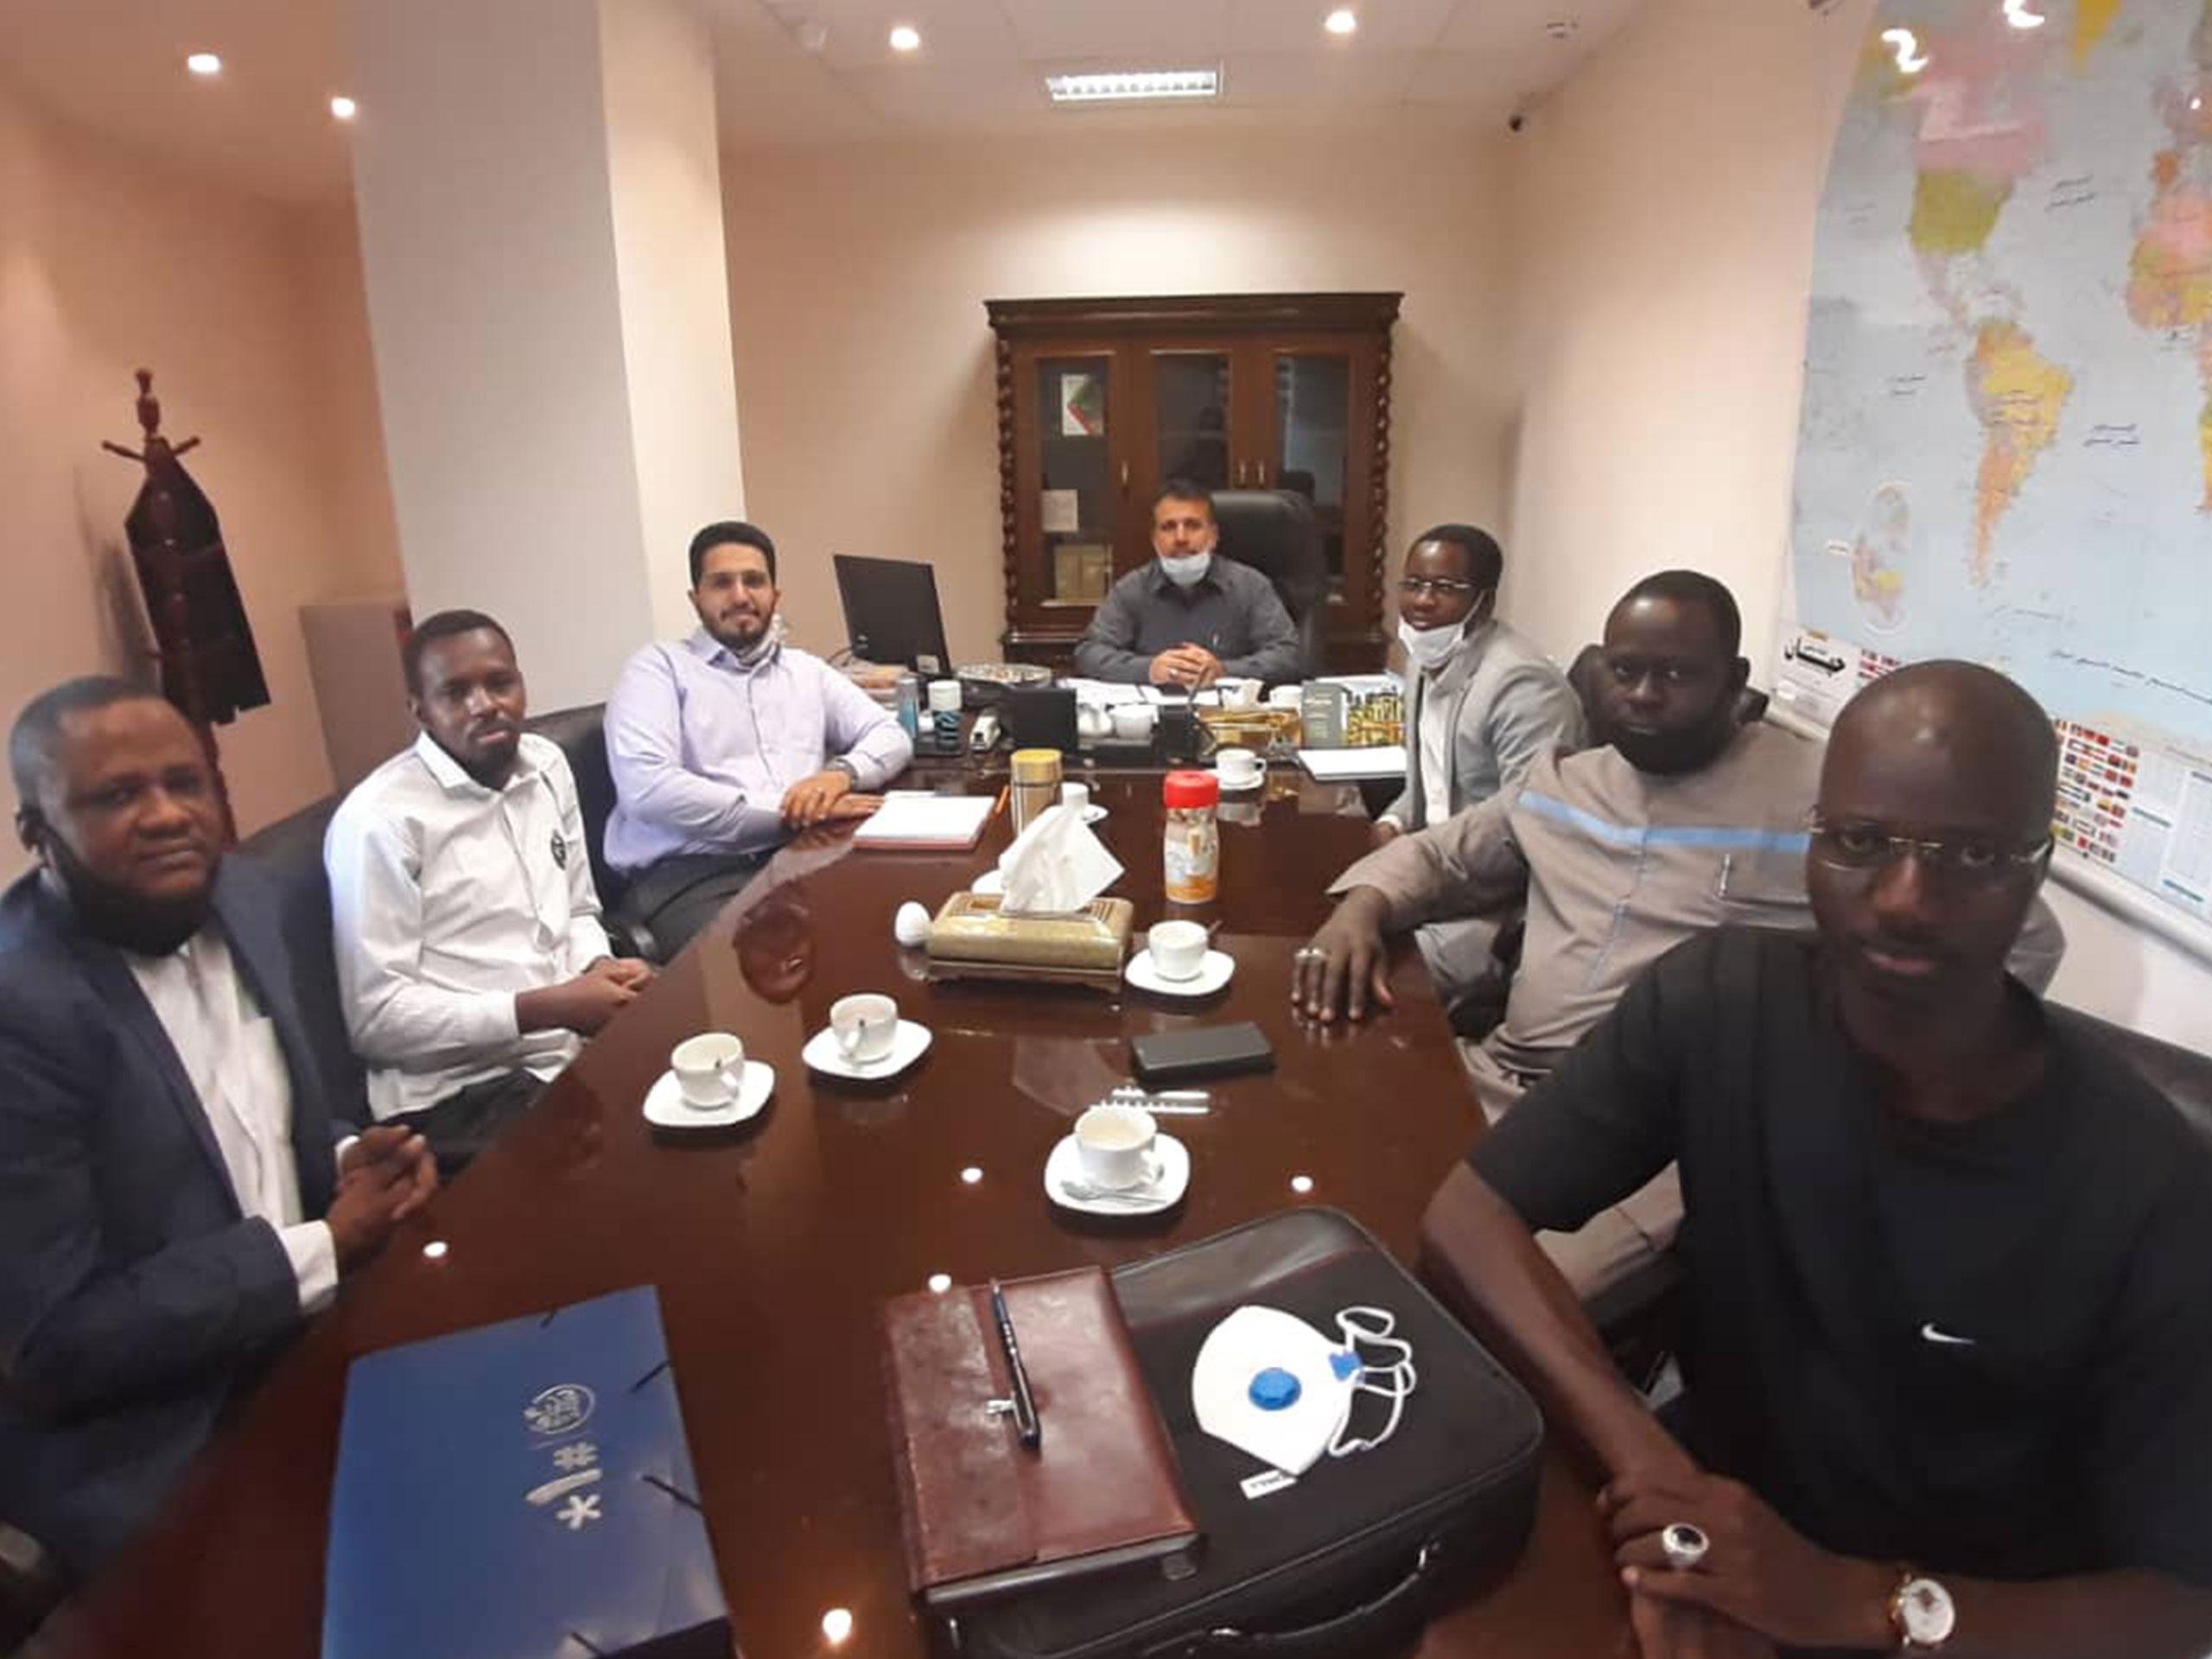 نشست با هیئت تجاری آفریقا